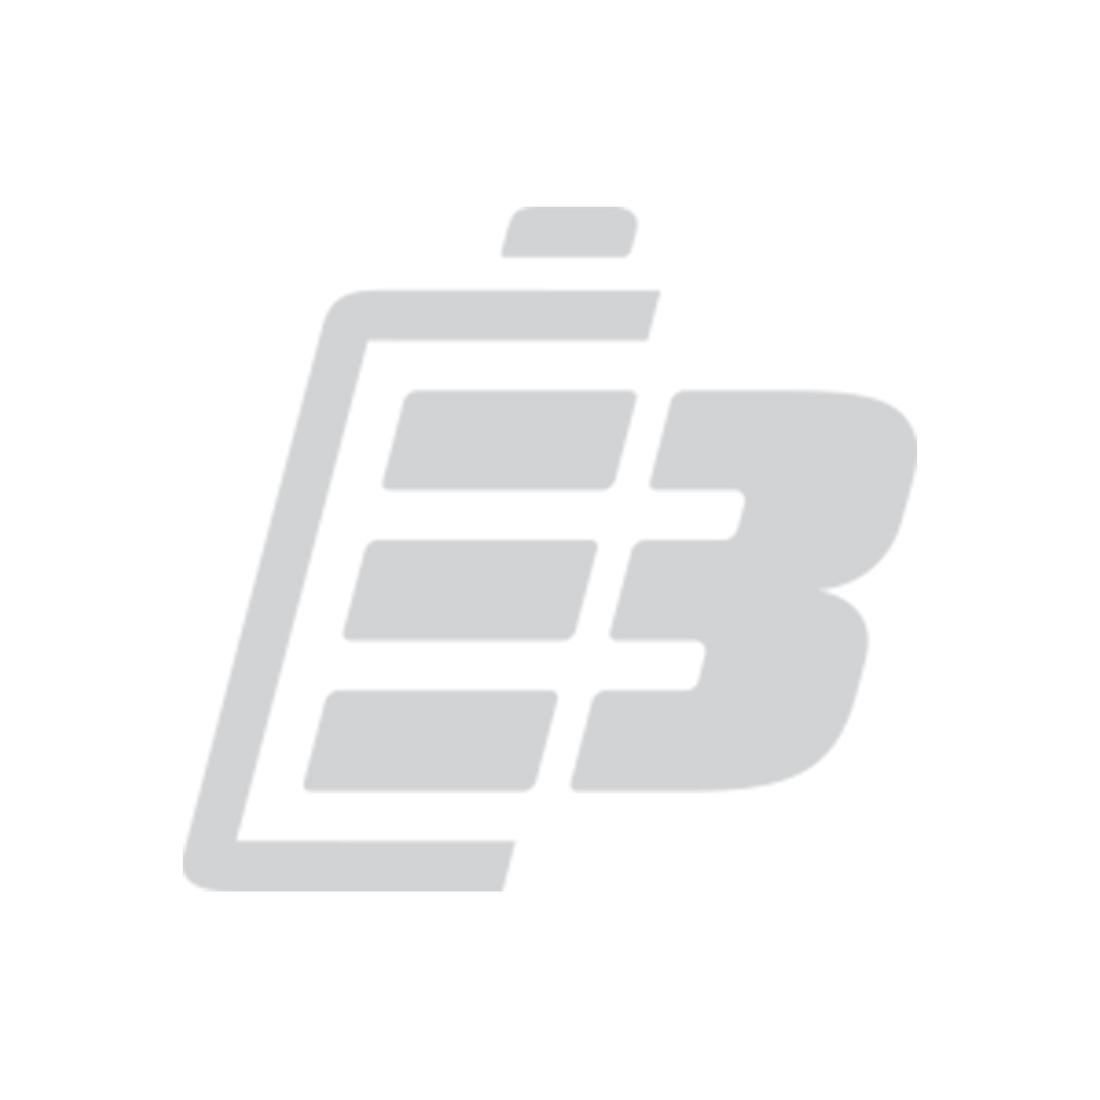 Survey tester battery Leica ATX1200_4